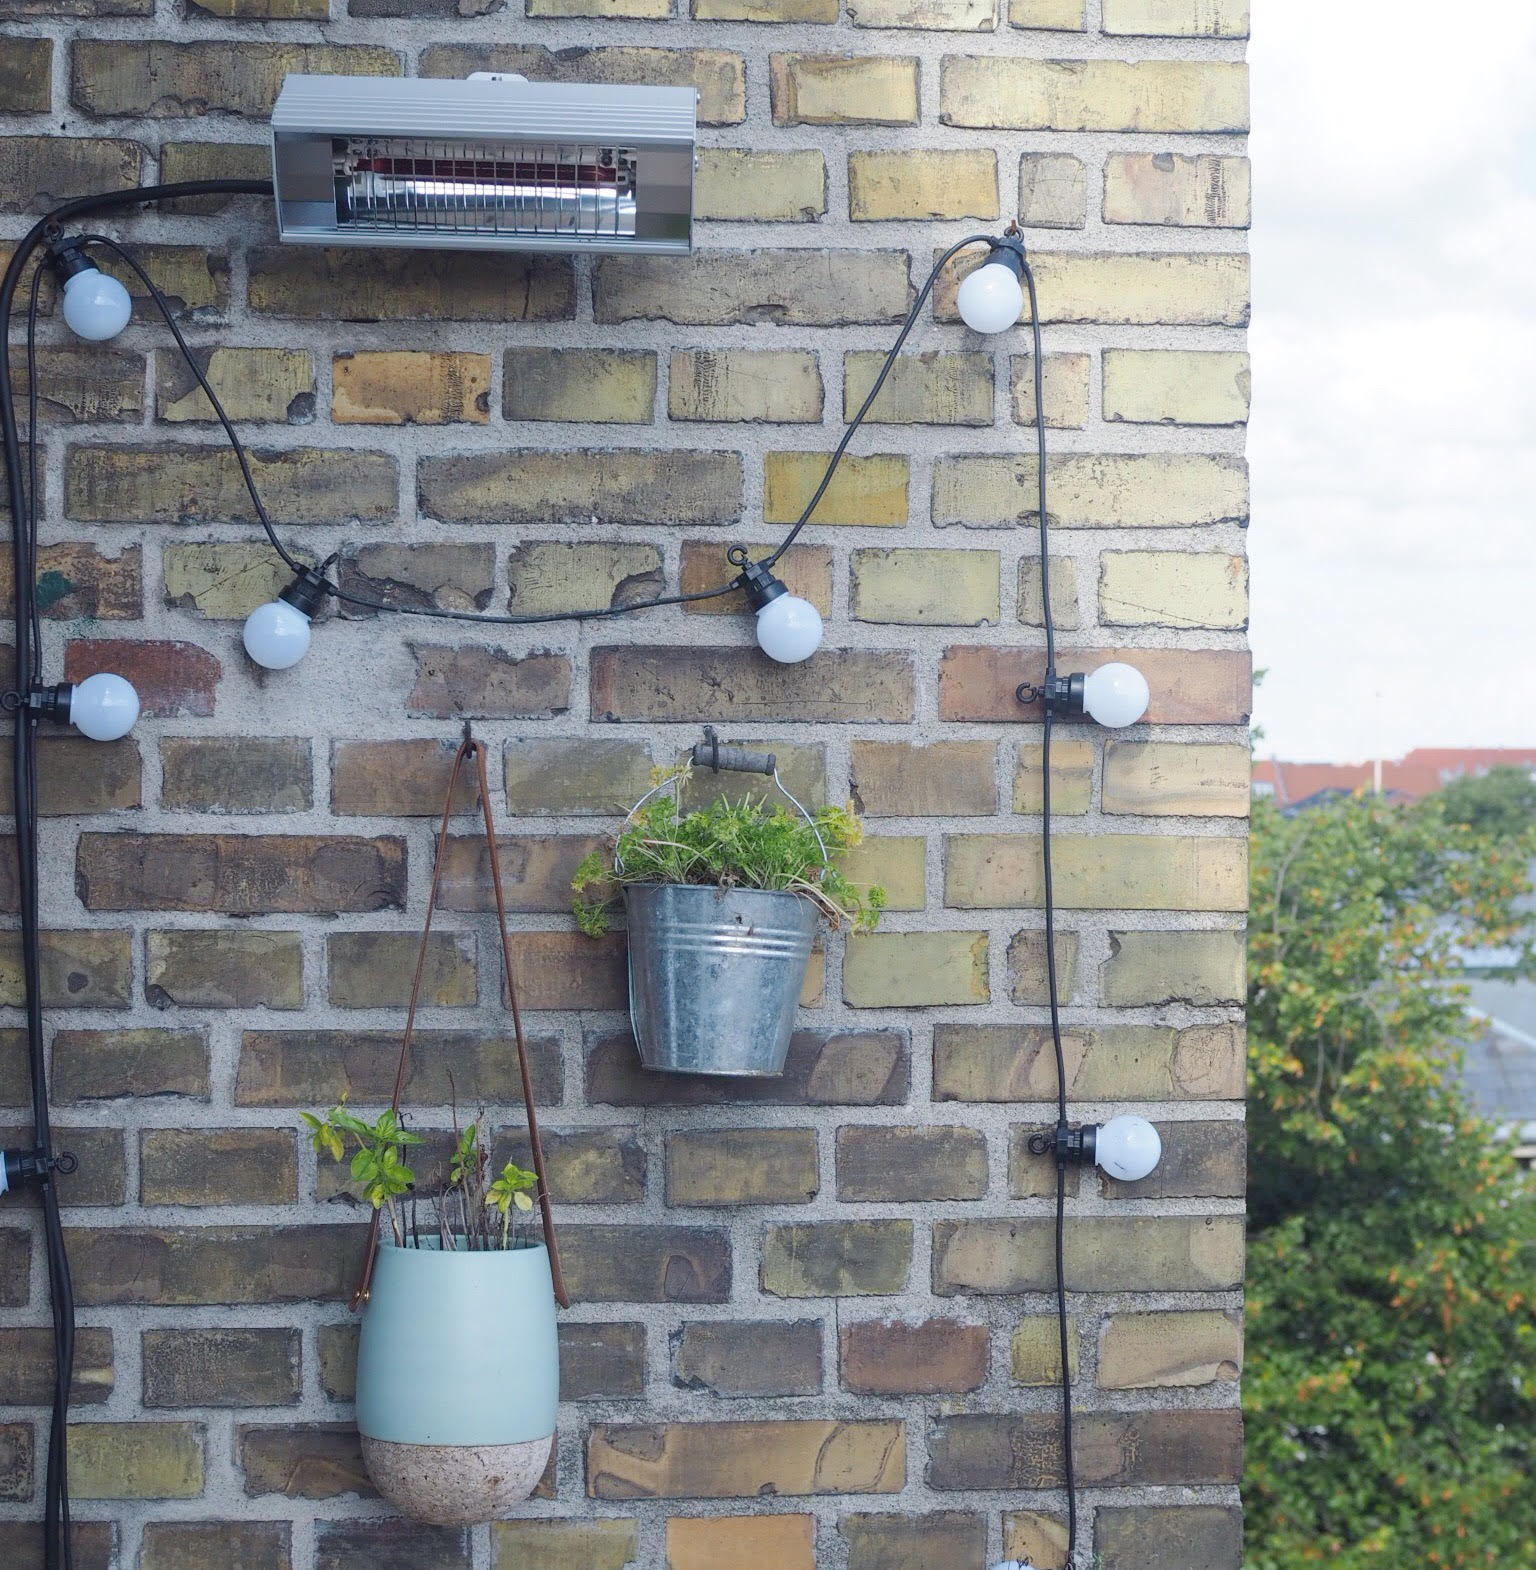 varmelampe til altan og udendørsbrug